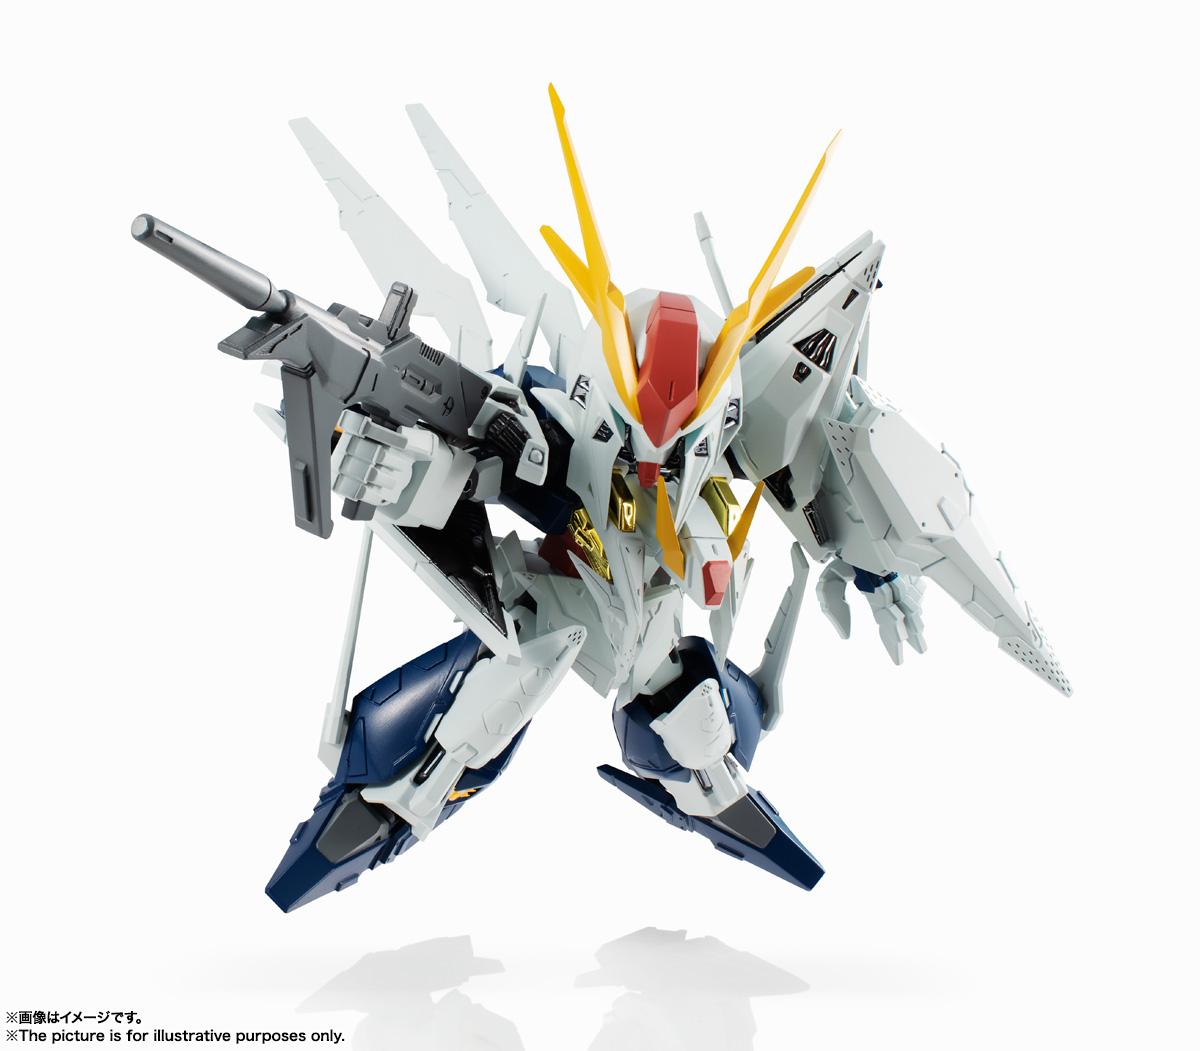 NXEDGE STYLE[MS UNIT]『Ξガンダム』機動戦士ガンダム 閃光のハサウェイ デフォルメ可動フィギュア-005